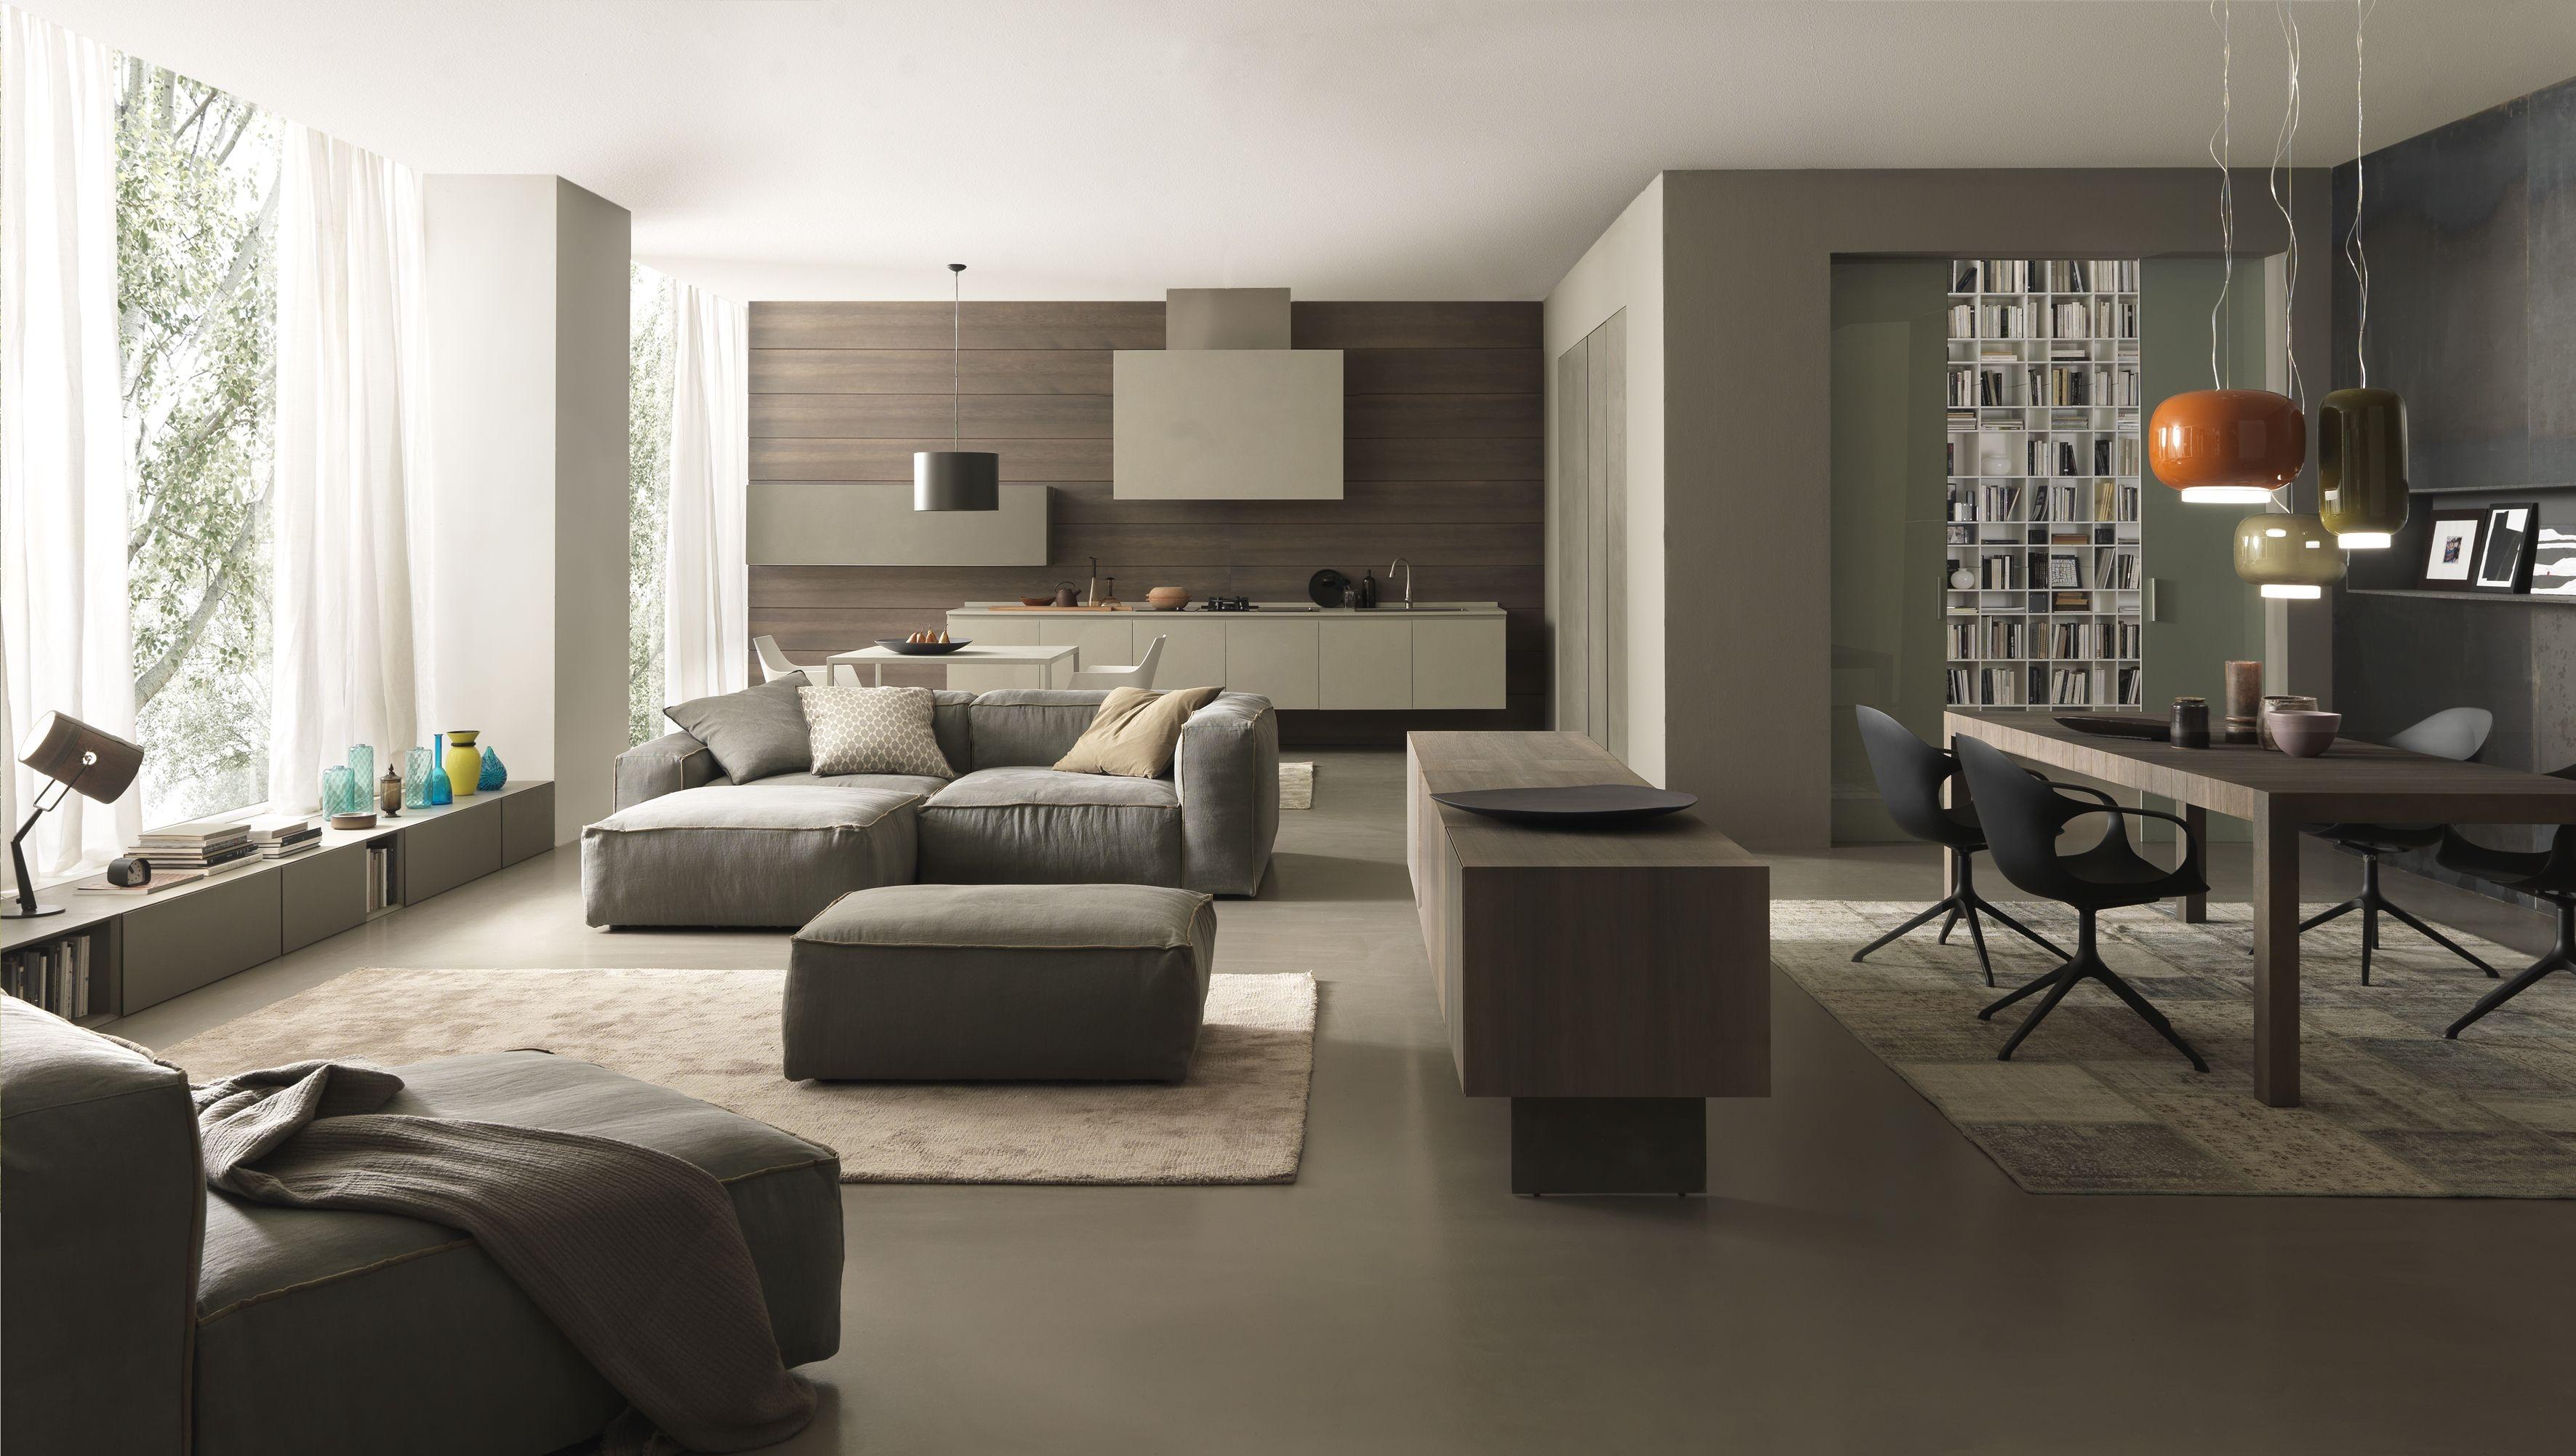 Progettazione arredamento di interni a genova arte in casa overplace for Immagini arredamento